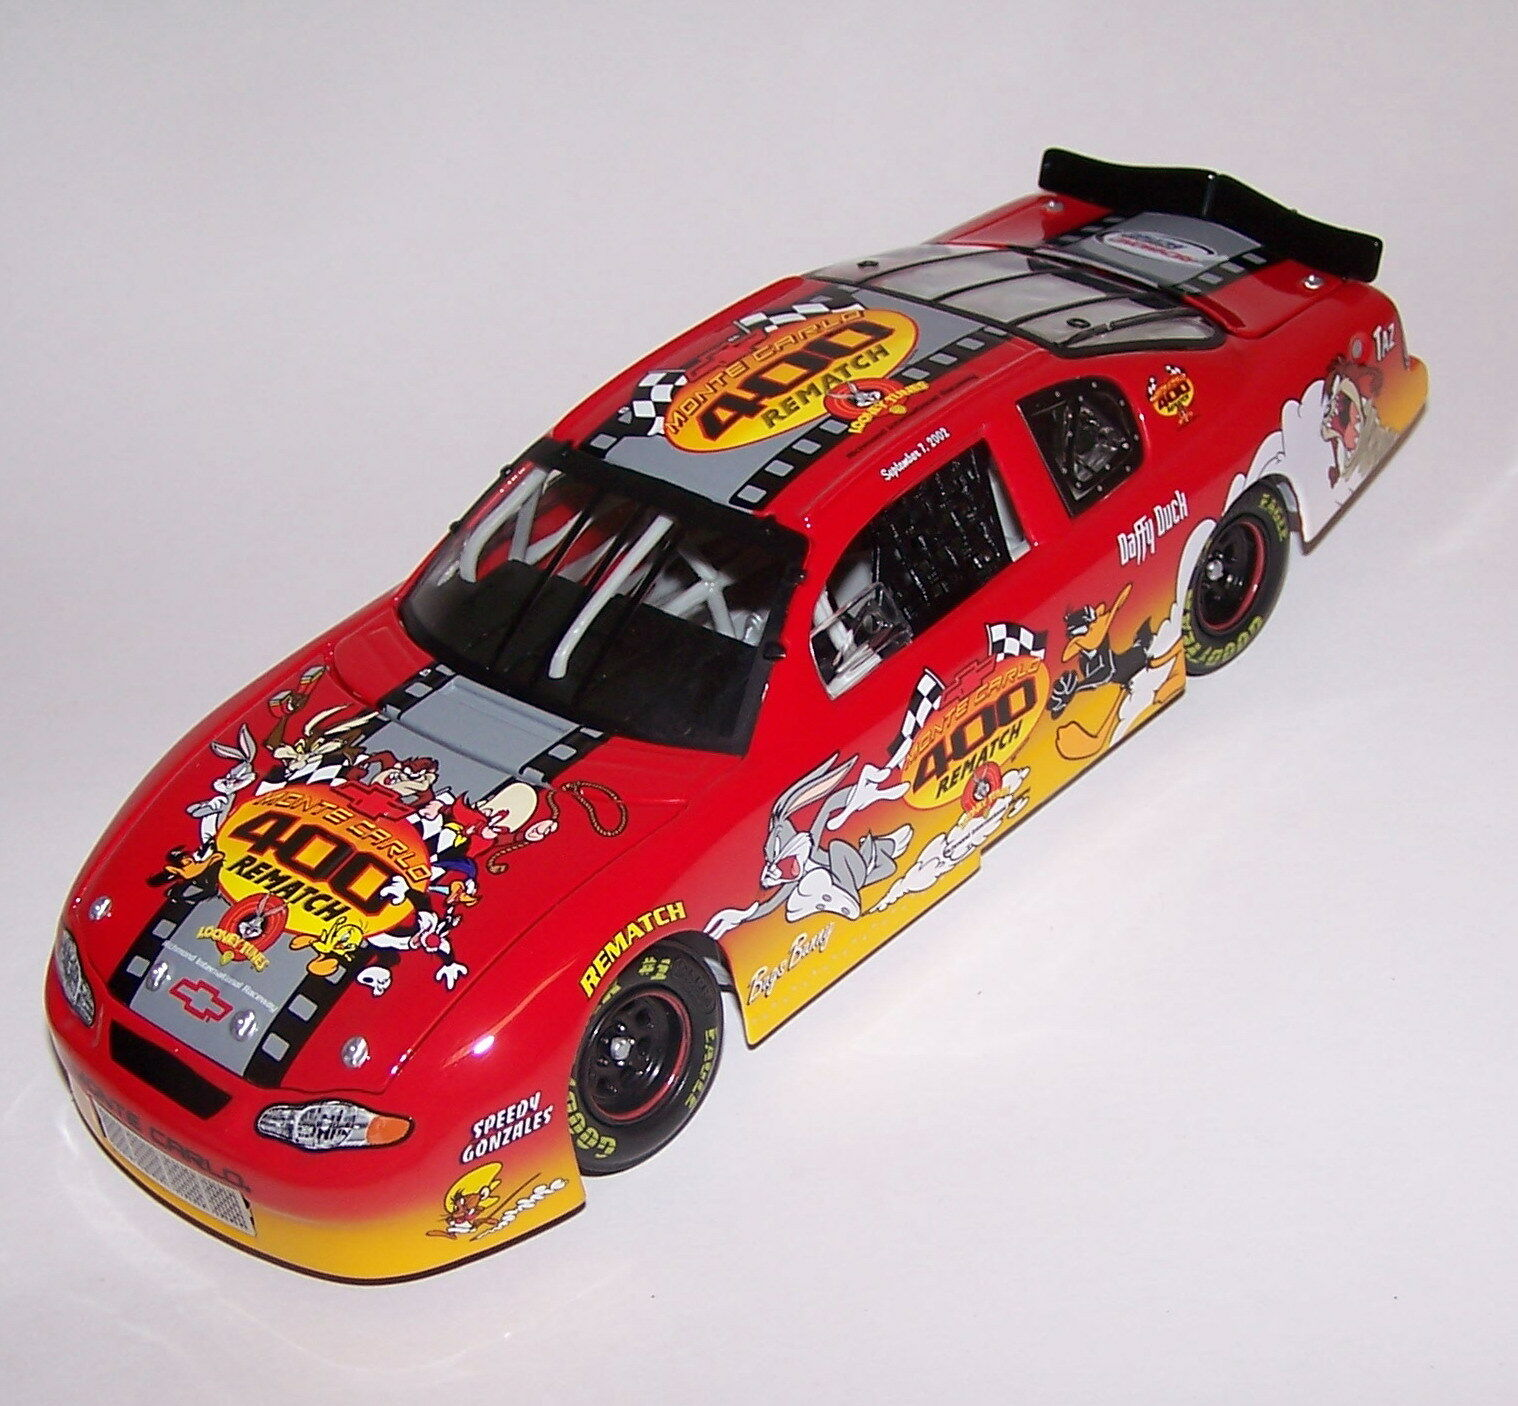 Looney Tunes revancha evento coche 2002 Monte Carlo acción 1 24 Escala